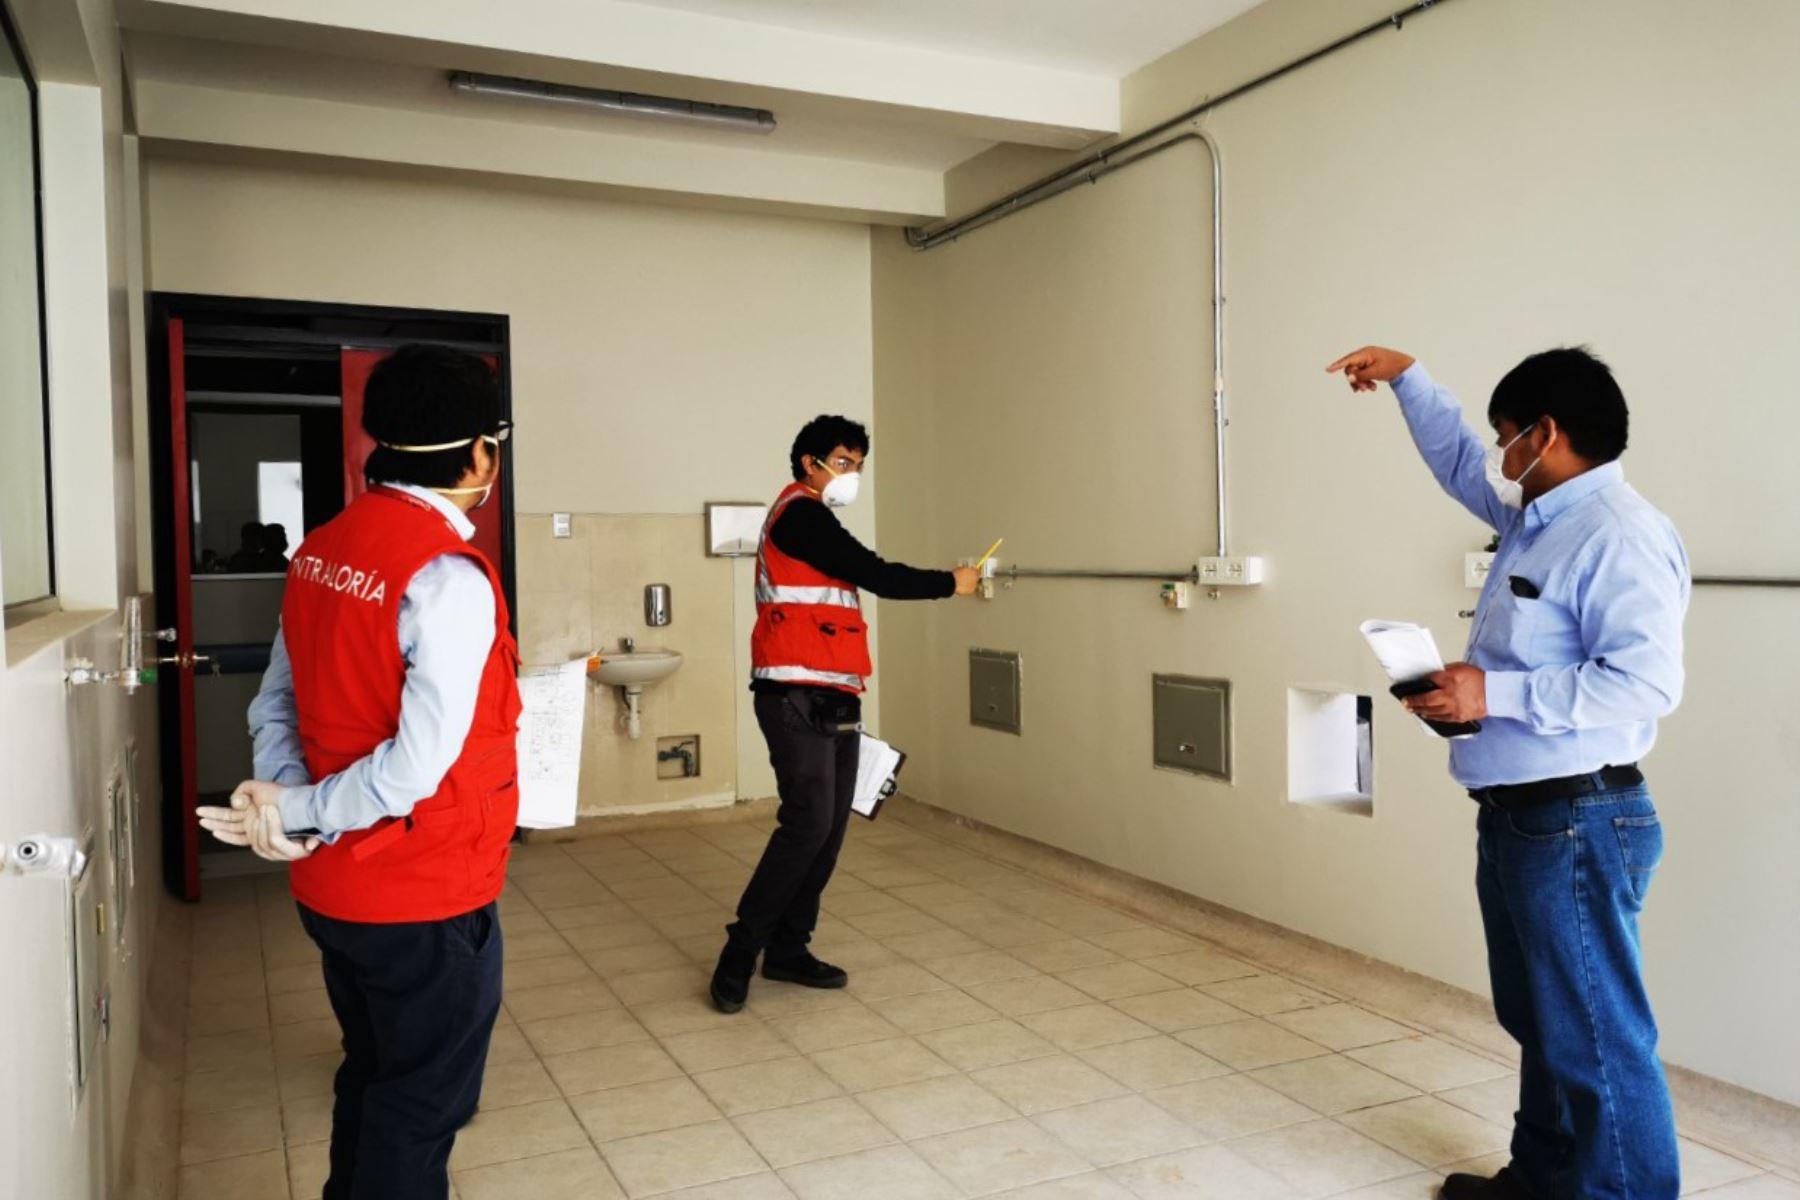 Inspectores de la Contraloría detectaron carencias en el hospital regional Mariscal Llerena de Ayacucho, en el contexto de la pandemia del covid-19.